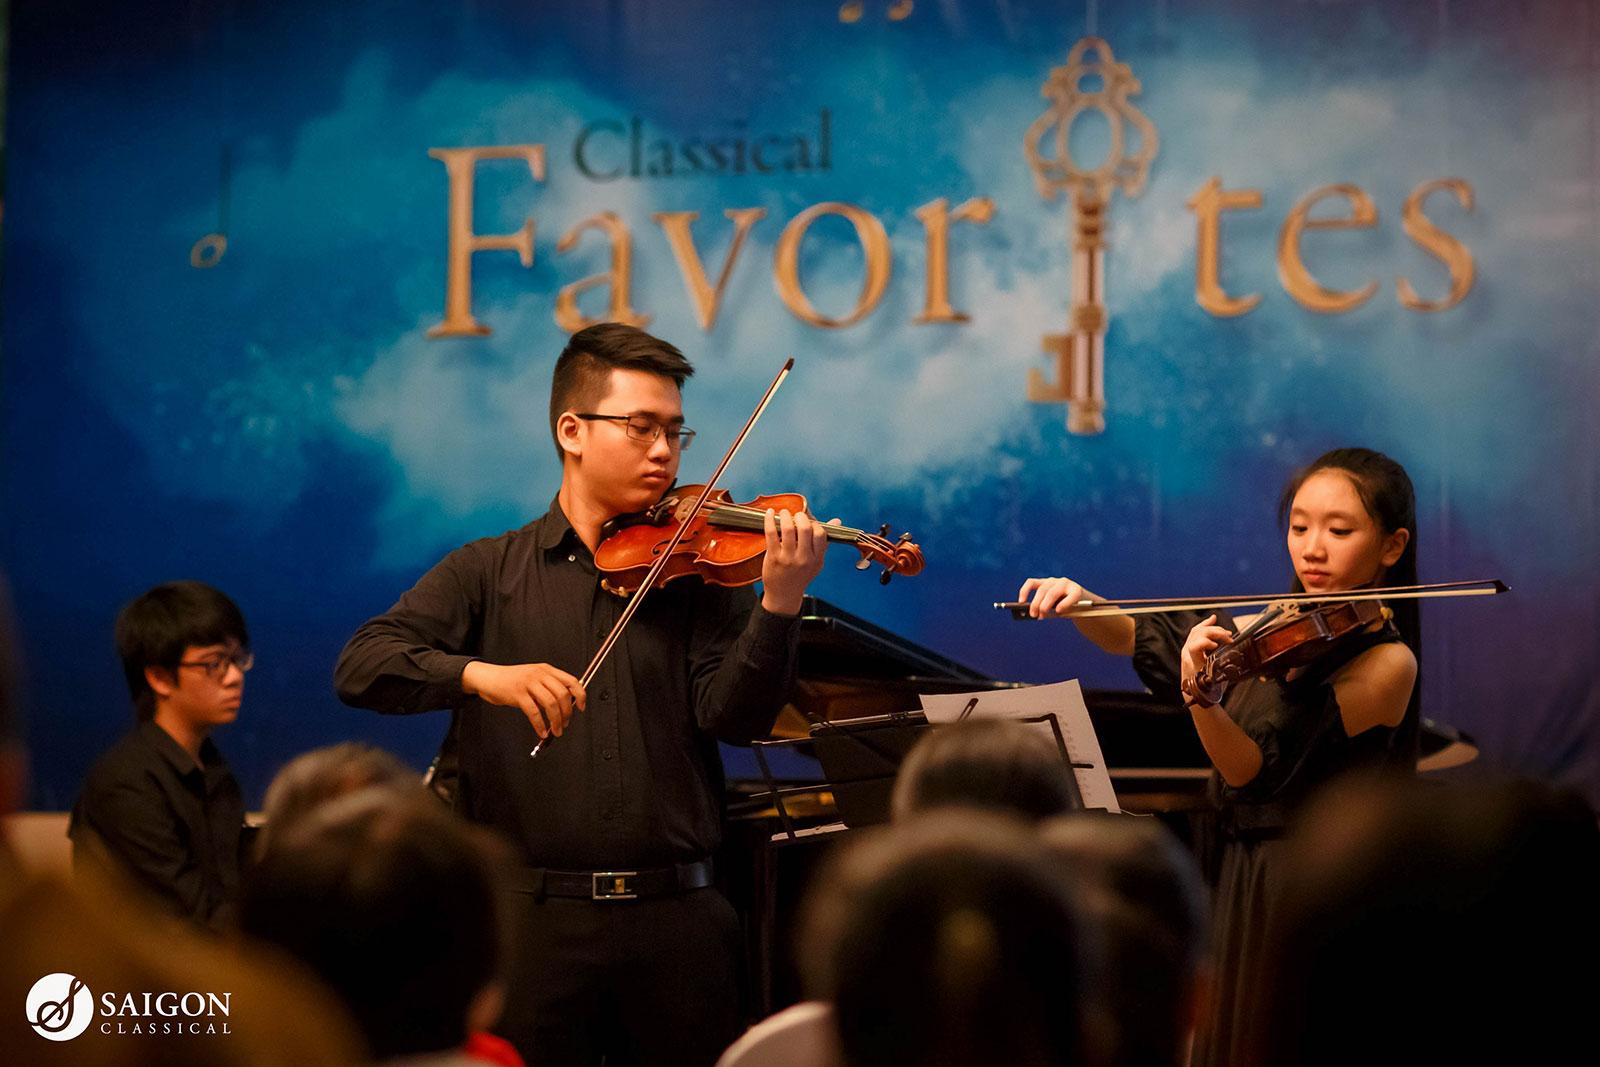 Classical Favorites (1)